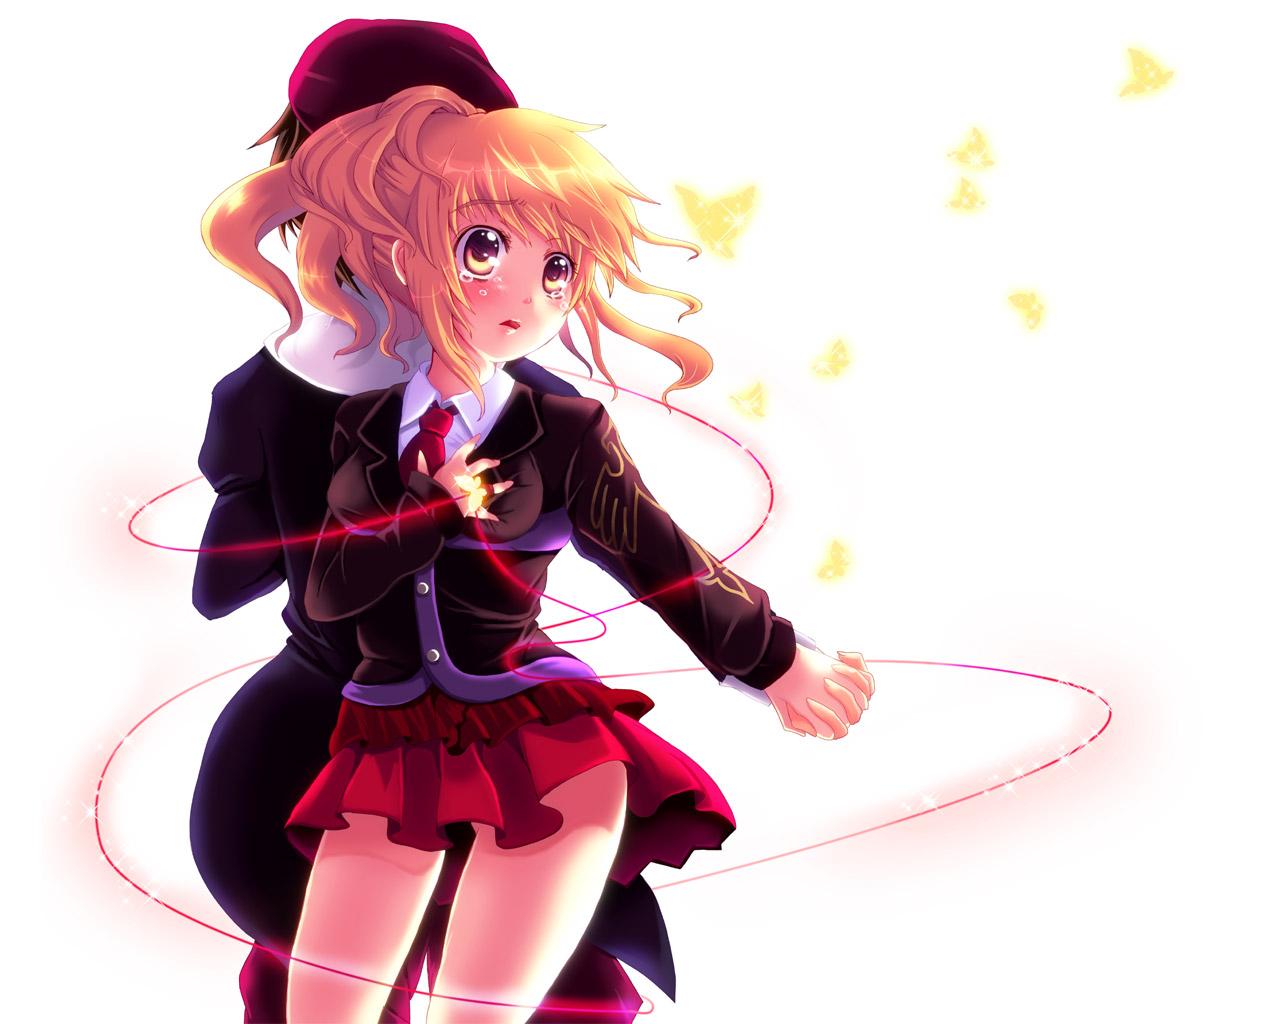 Imagina al usuario de arriba como anime ;3 - Página 11 Konachan-com-65247-kanon_character-umineko_no_naku_koro_ni-ushiromiya_jessica